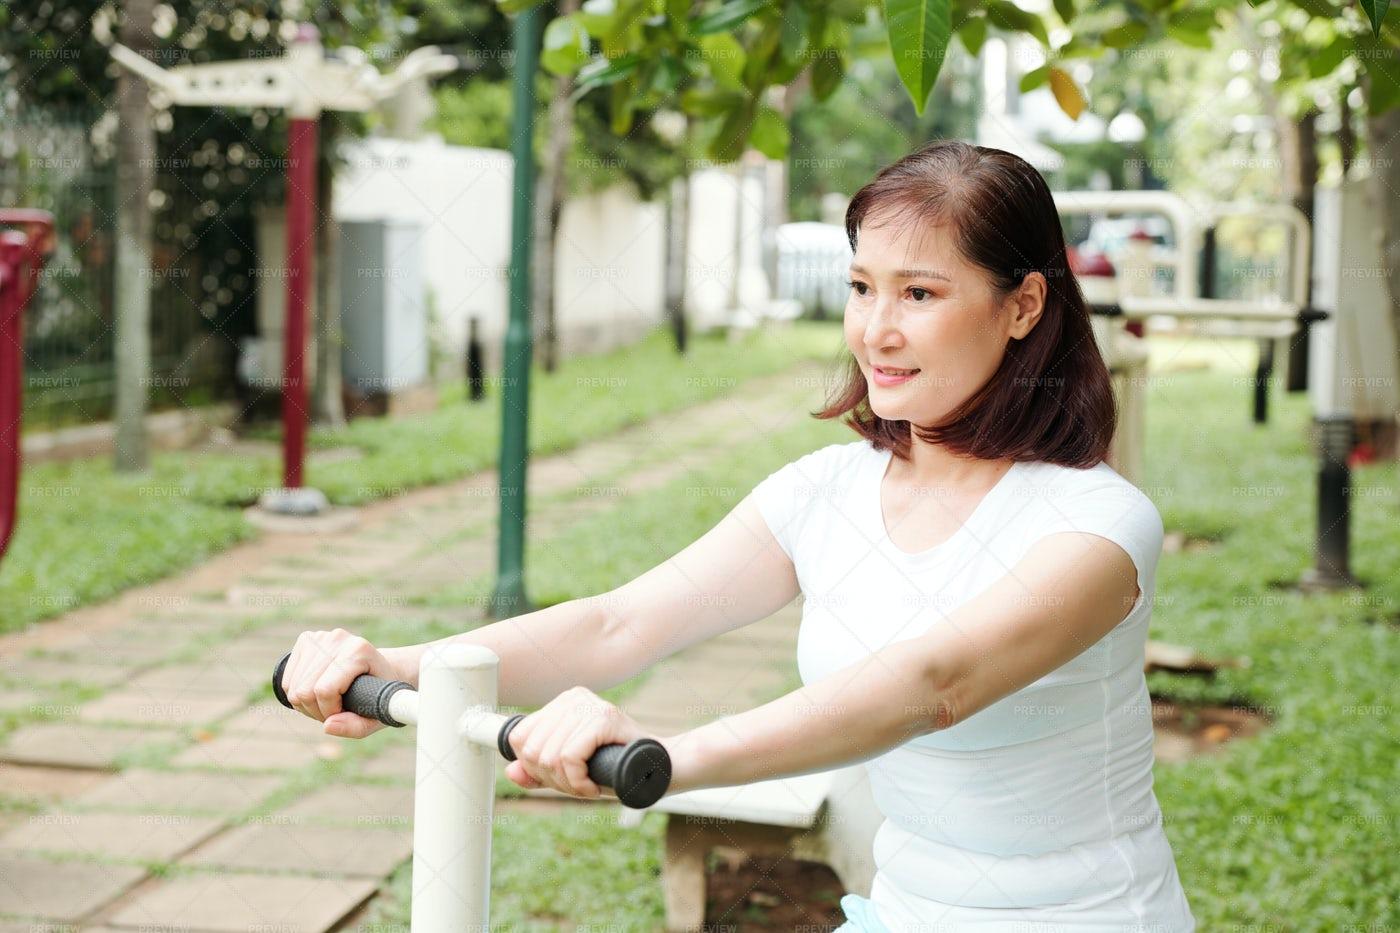 Woman Enjoying Bicycle Workout: Stock Photos